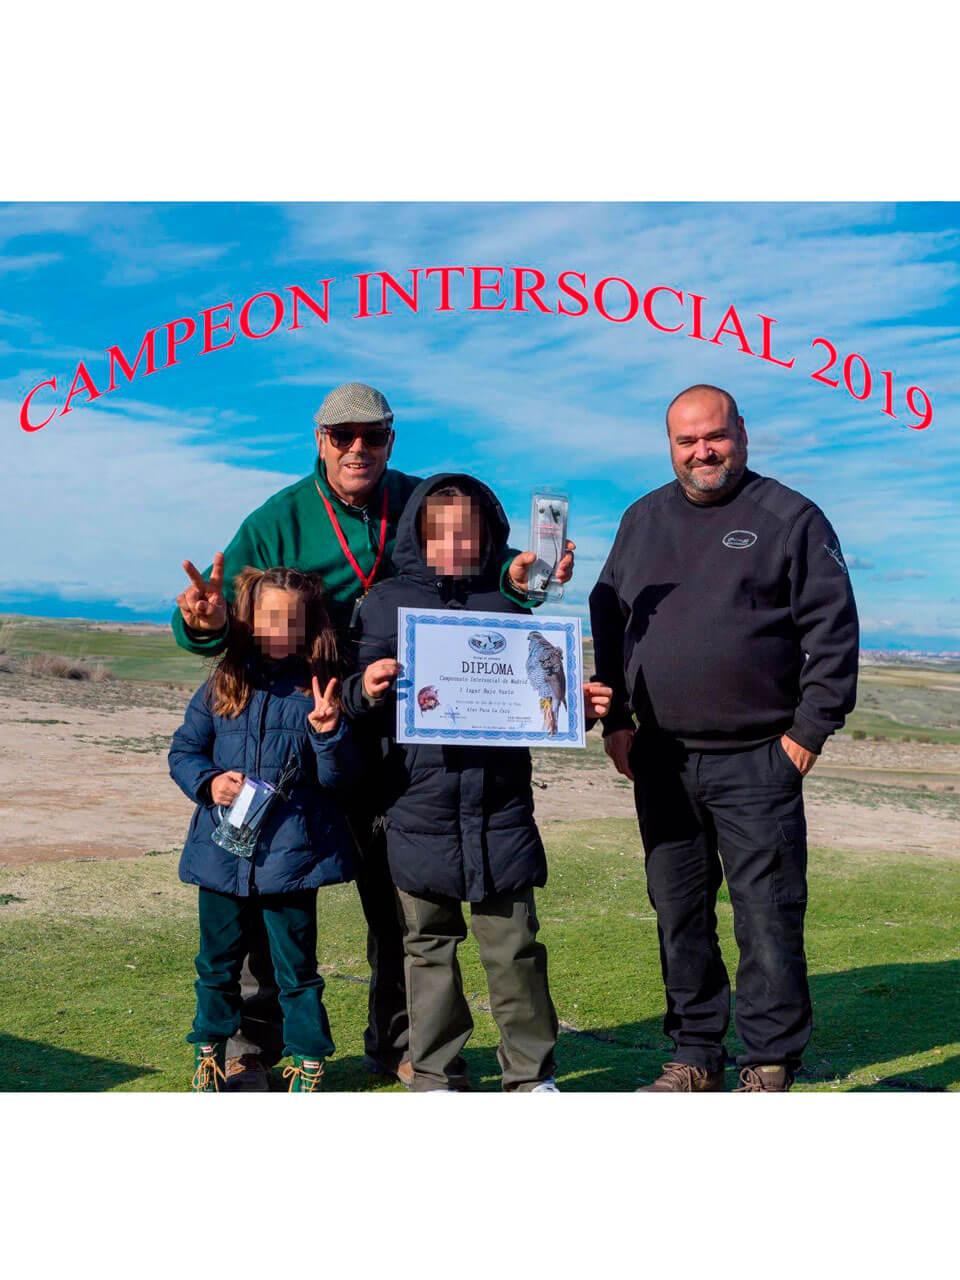 Campeonato Intersocial Bajo Vuelo 2019 - Campeon ANTONIO MARTíNEZ-JIMÉNEZ